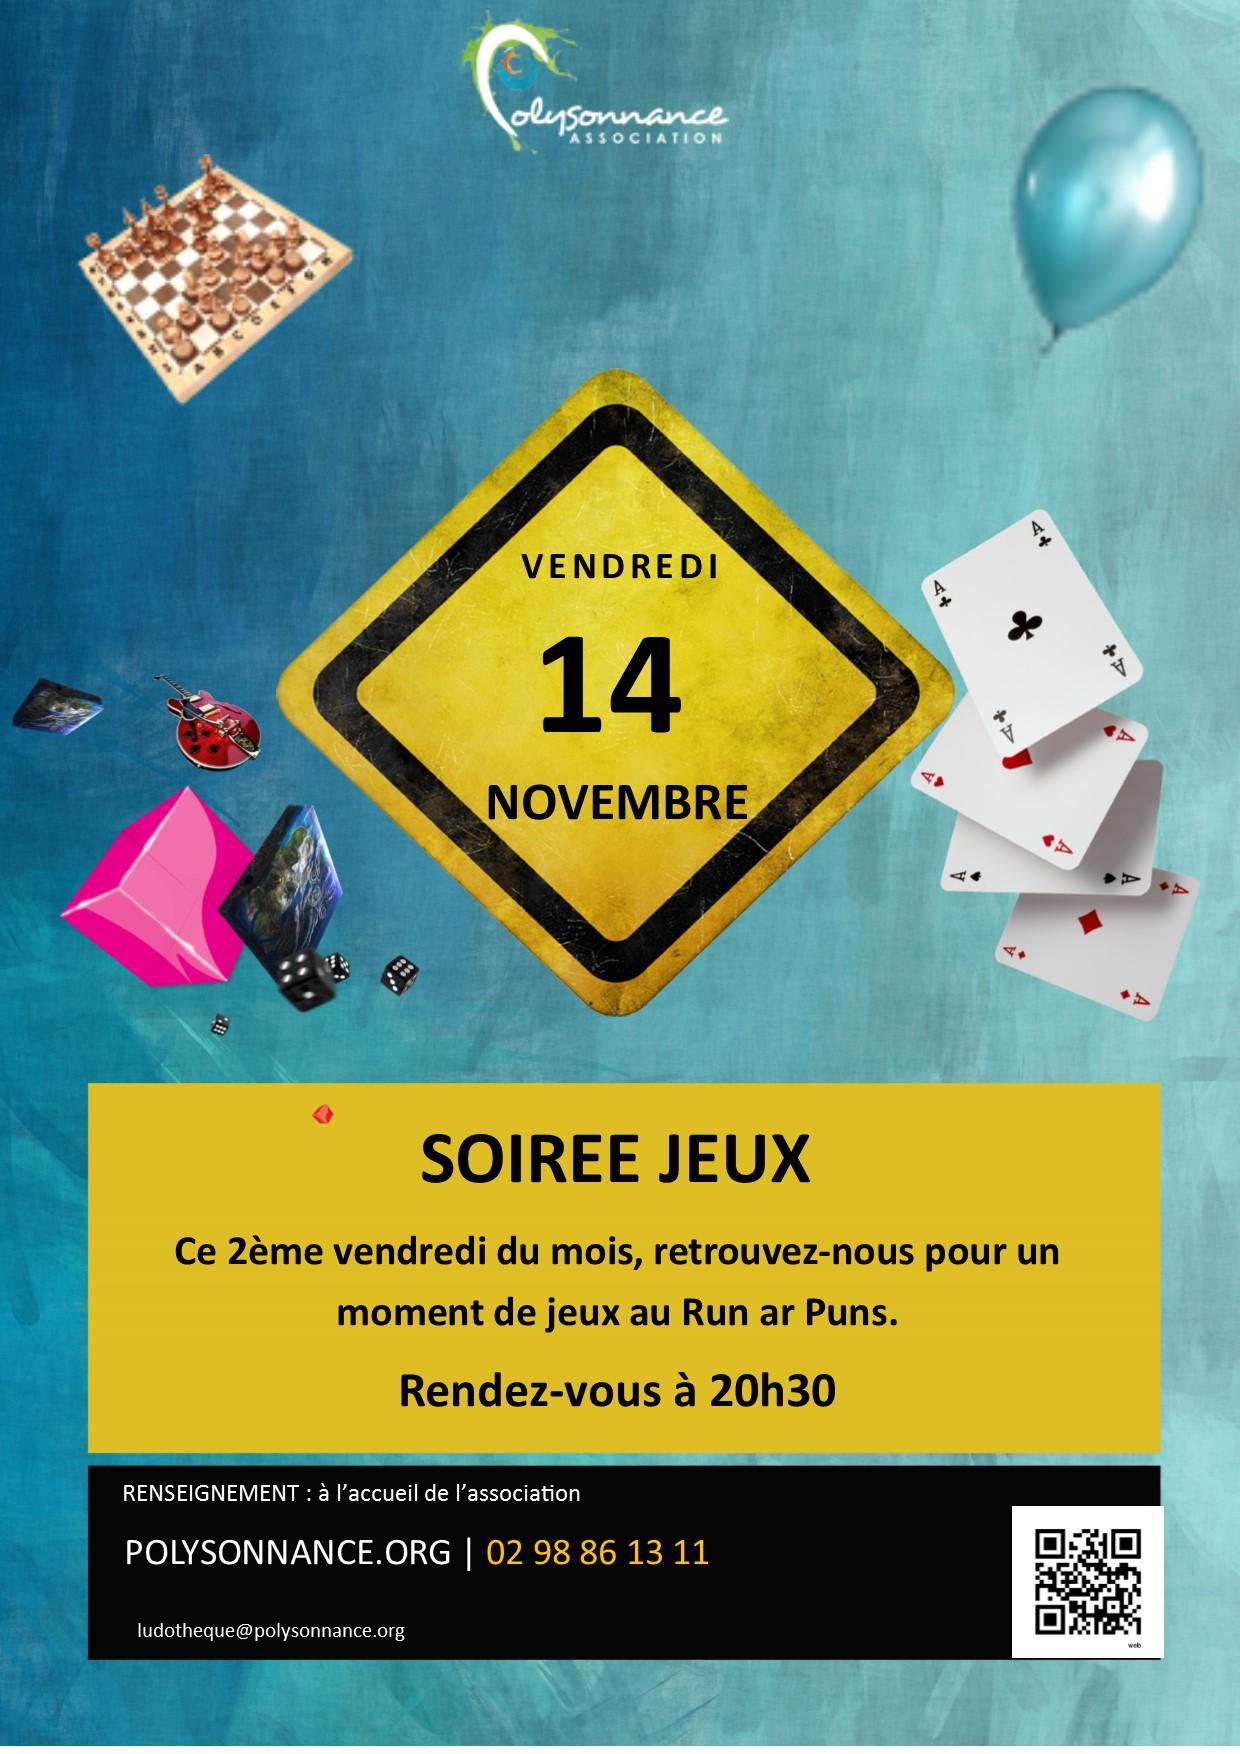 SOIREE JEUX : PROCHAINE RENCONTRE VENDREDI 14  NOVEMBRE 2014- 20H30 AU RUN AR PUNS